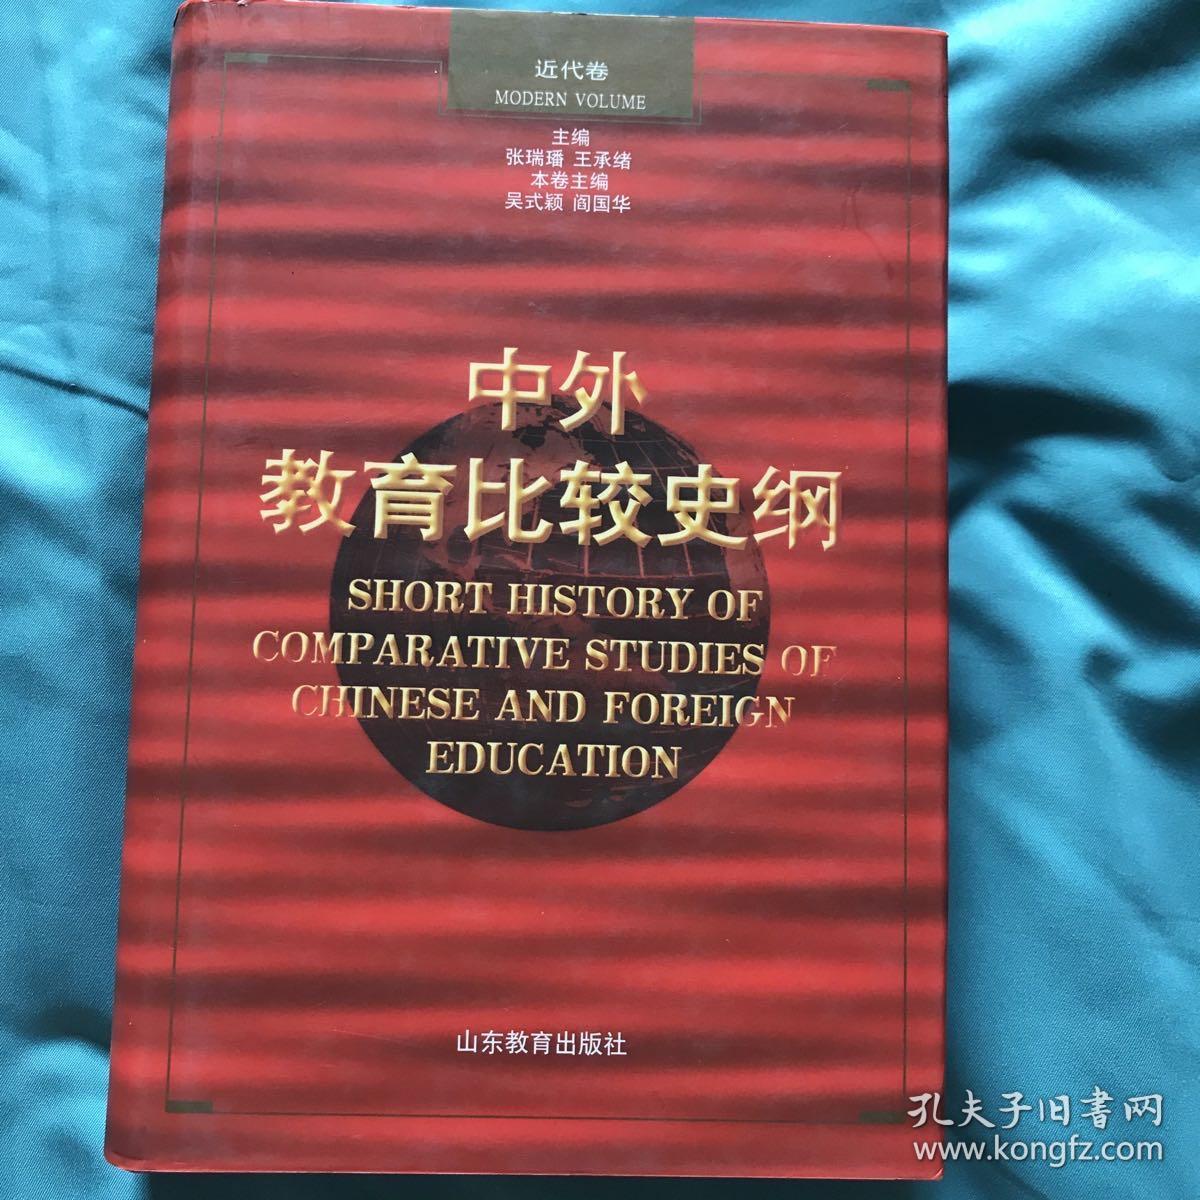 中外教育比较史纲(近代卷)